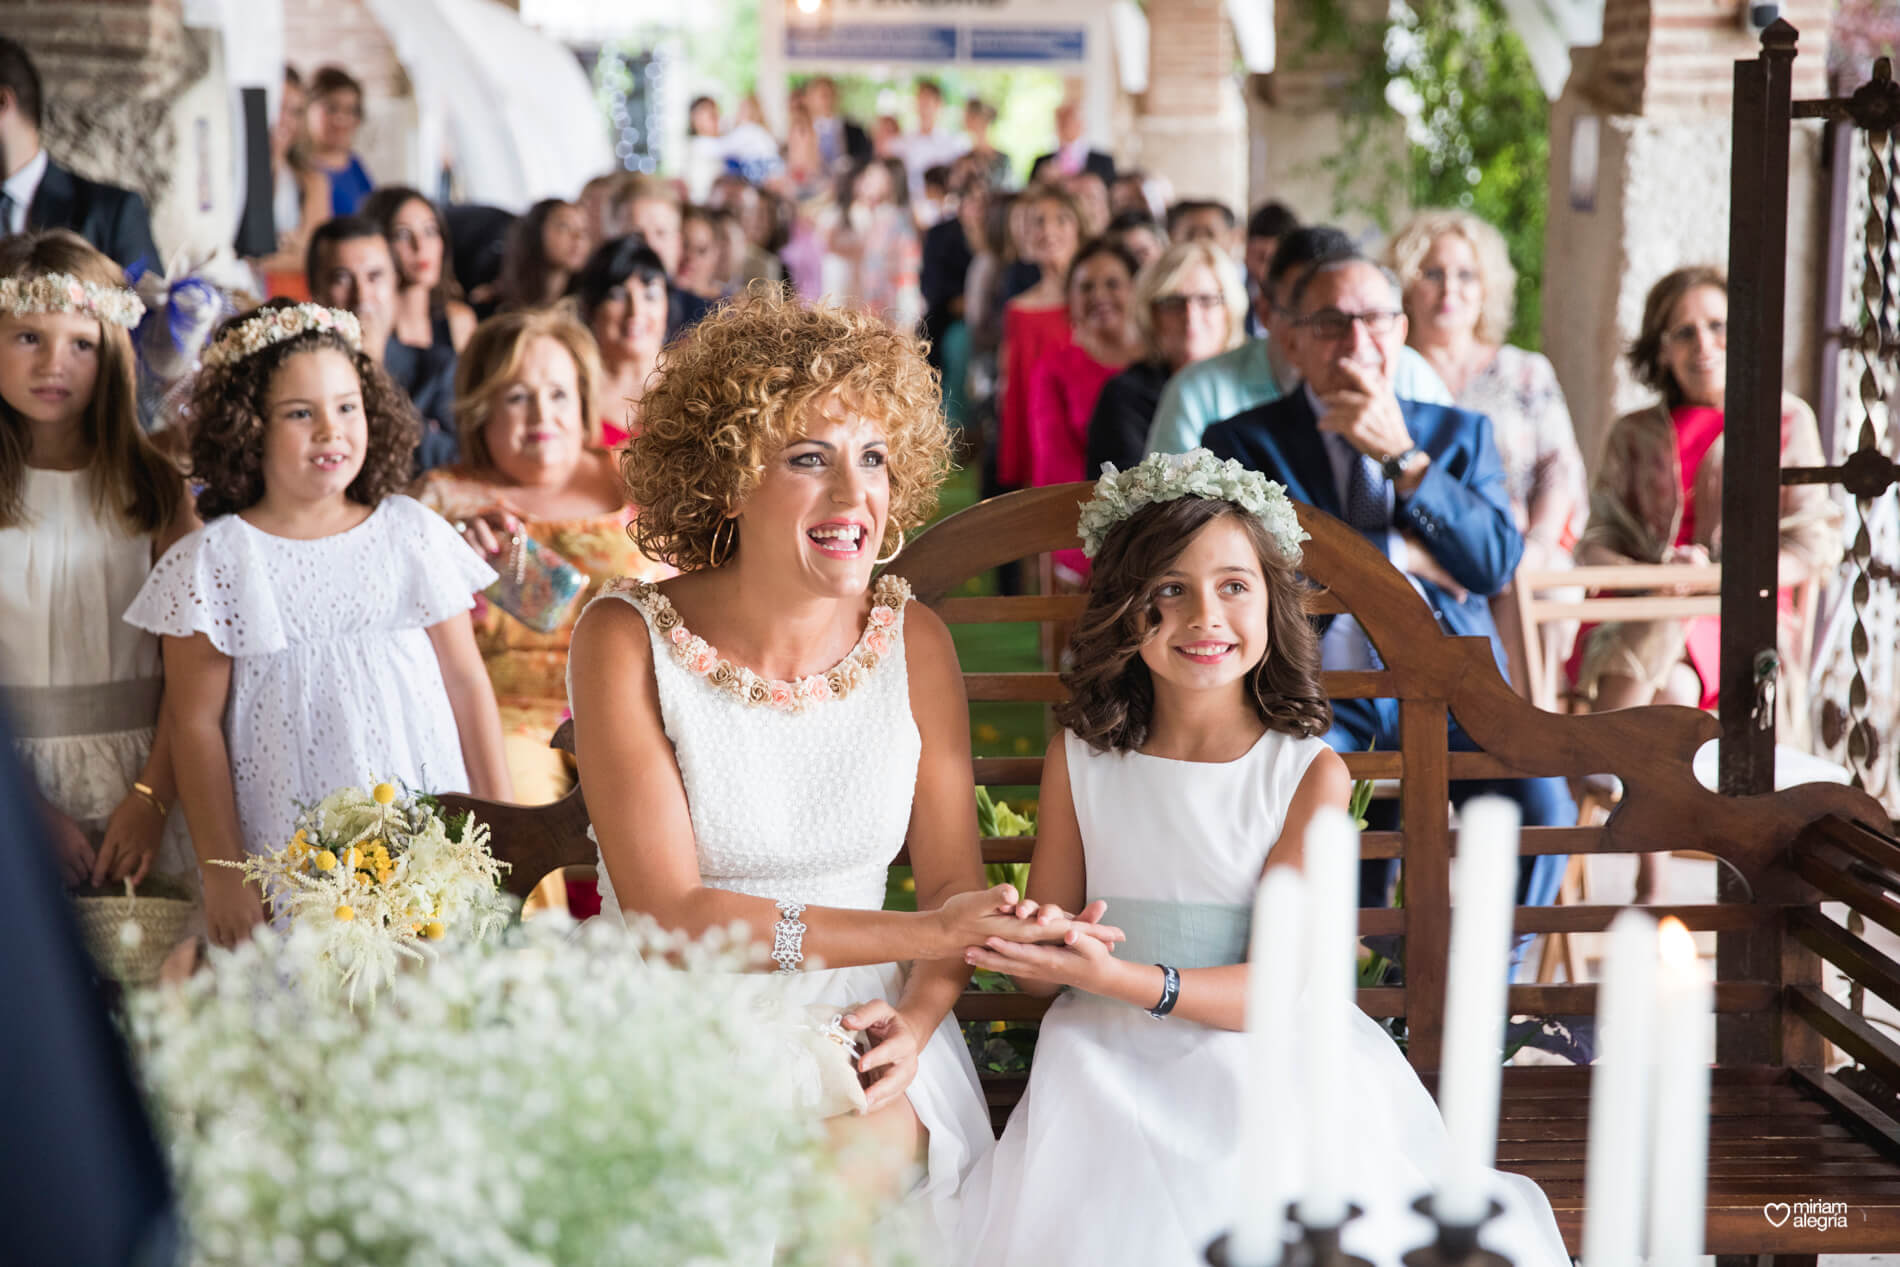 boda-en-finca-la-carrasca-miriam-alegria-63